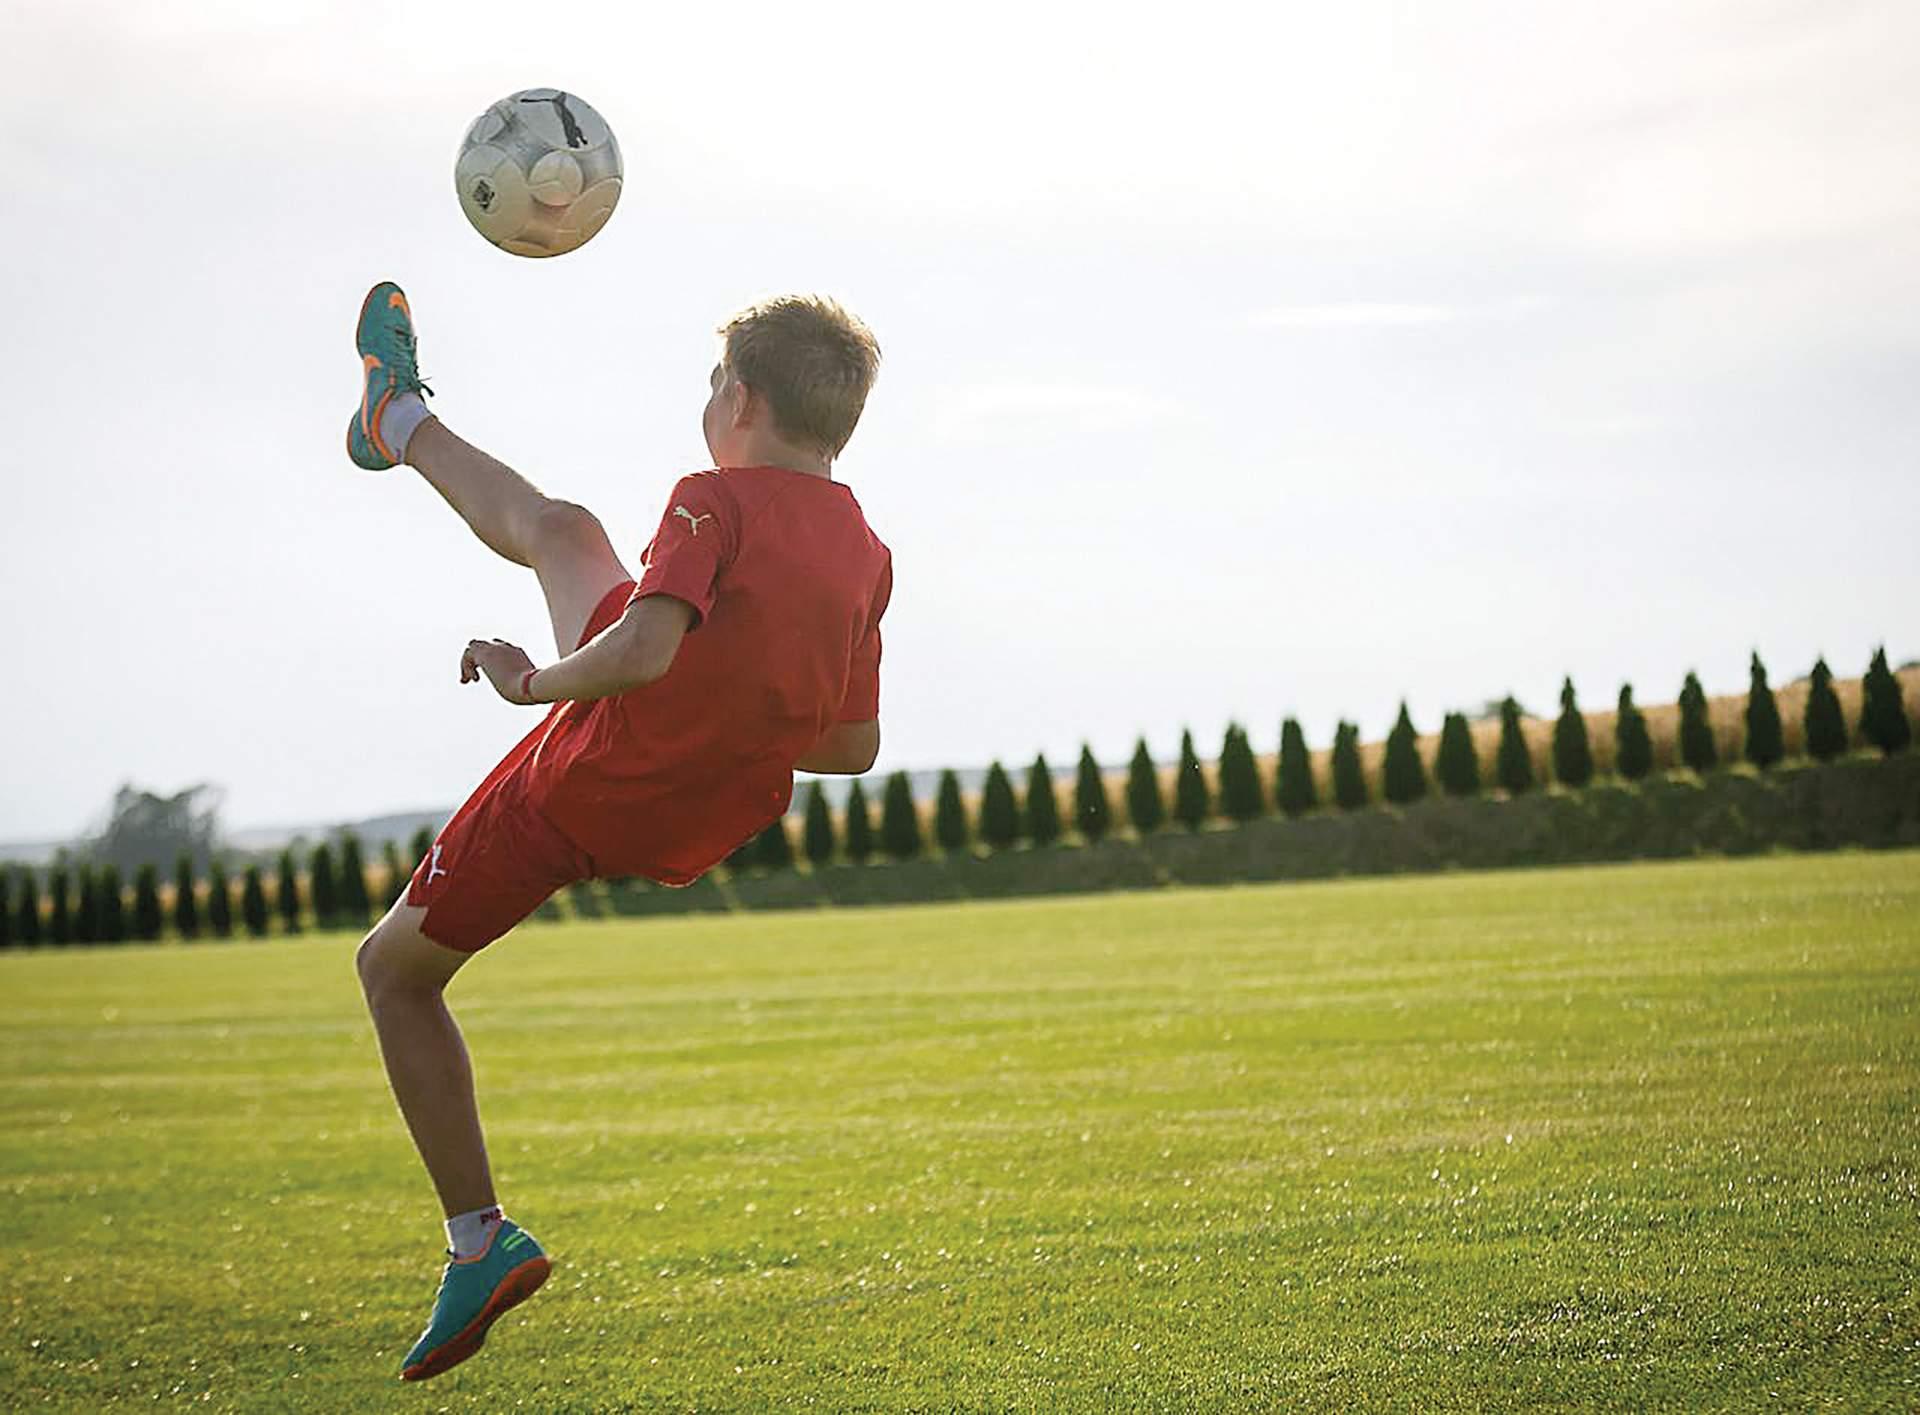 Fußball spielen beim Kurz